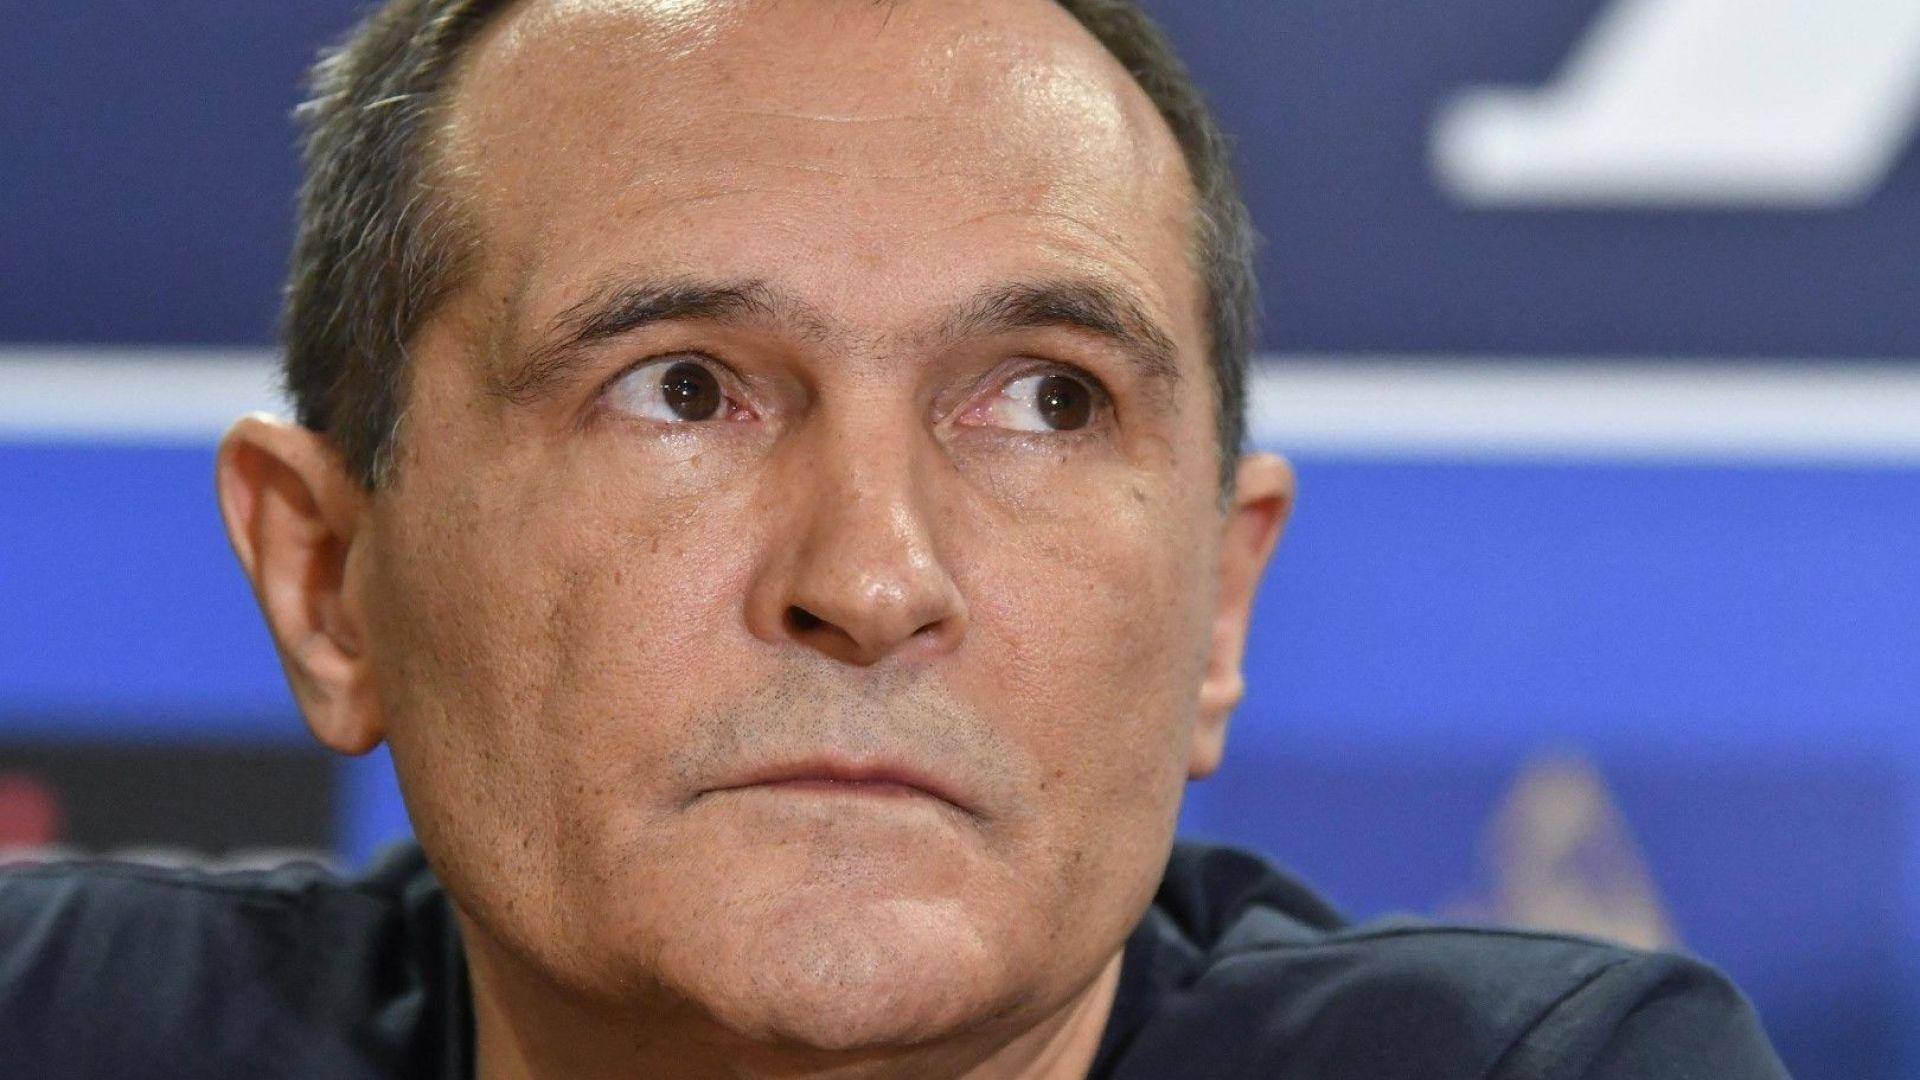 Васил Божков твърди, че не дължи никакви данъци и такси